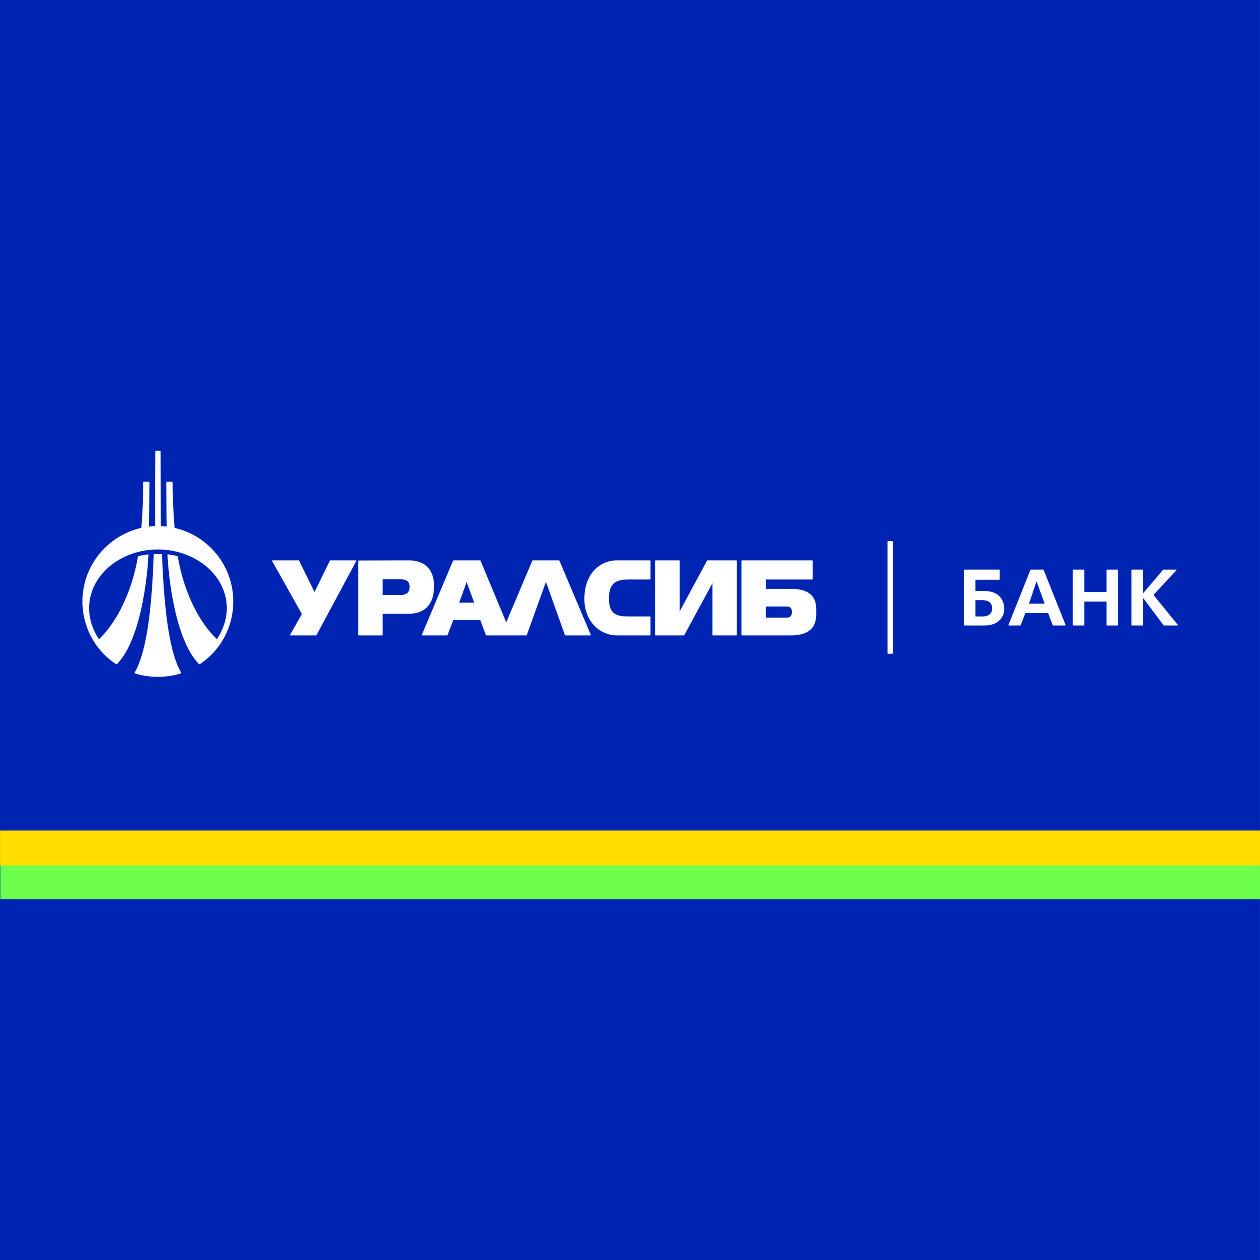 Банк УРАЛСИБ отменил комиссию за обслуживание кредитной карты «Энерджинс» при обороте от 5 тысяч рублей